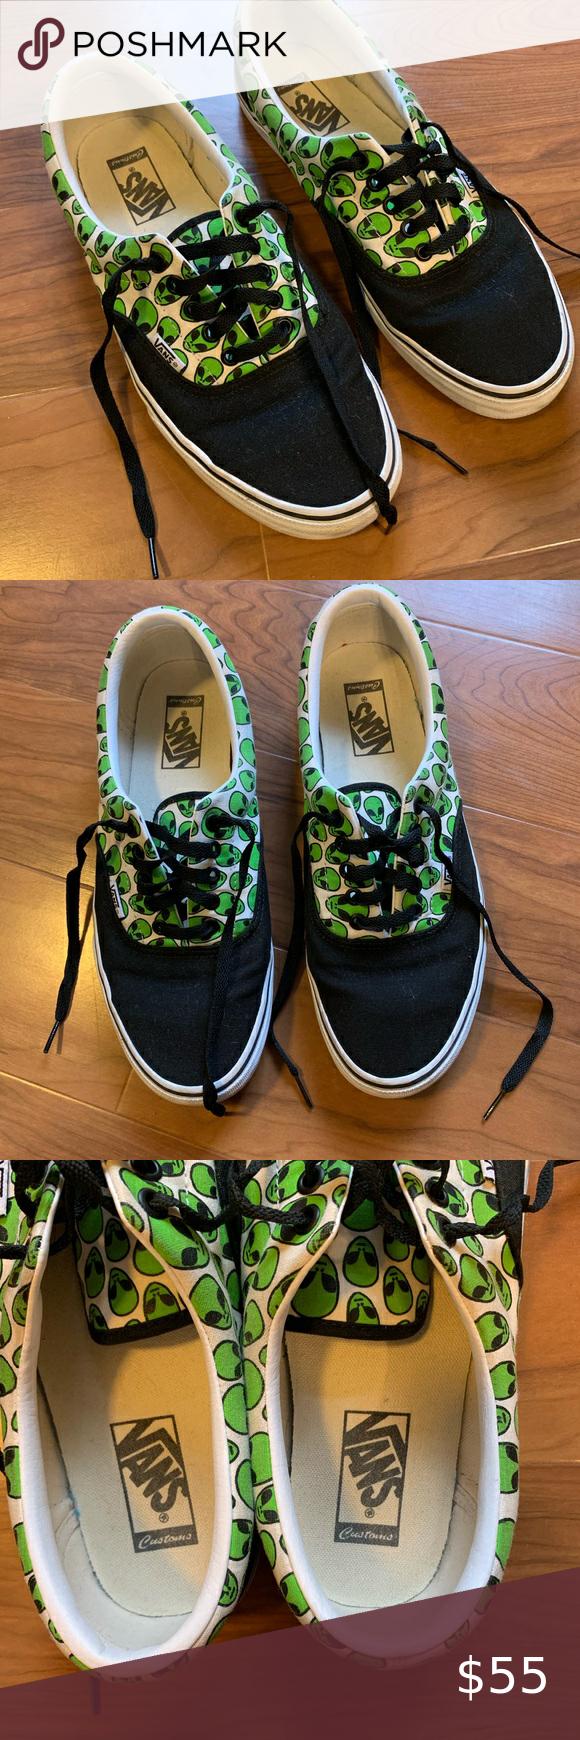 Vans Era Custom Alien Print Shoes Size 10 Men   Shoes smell, Vans ...